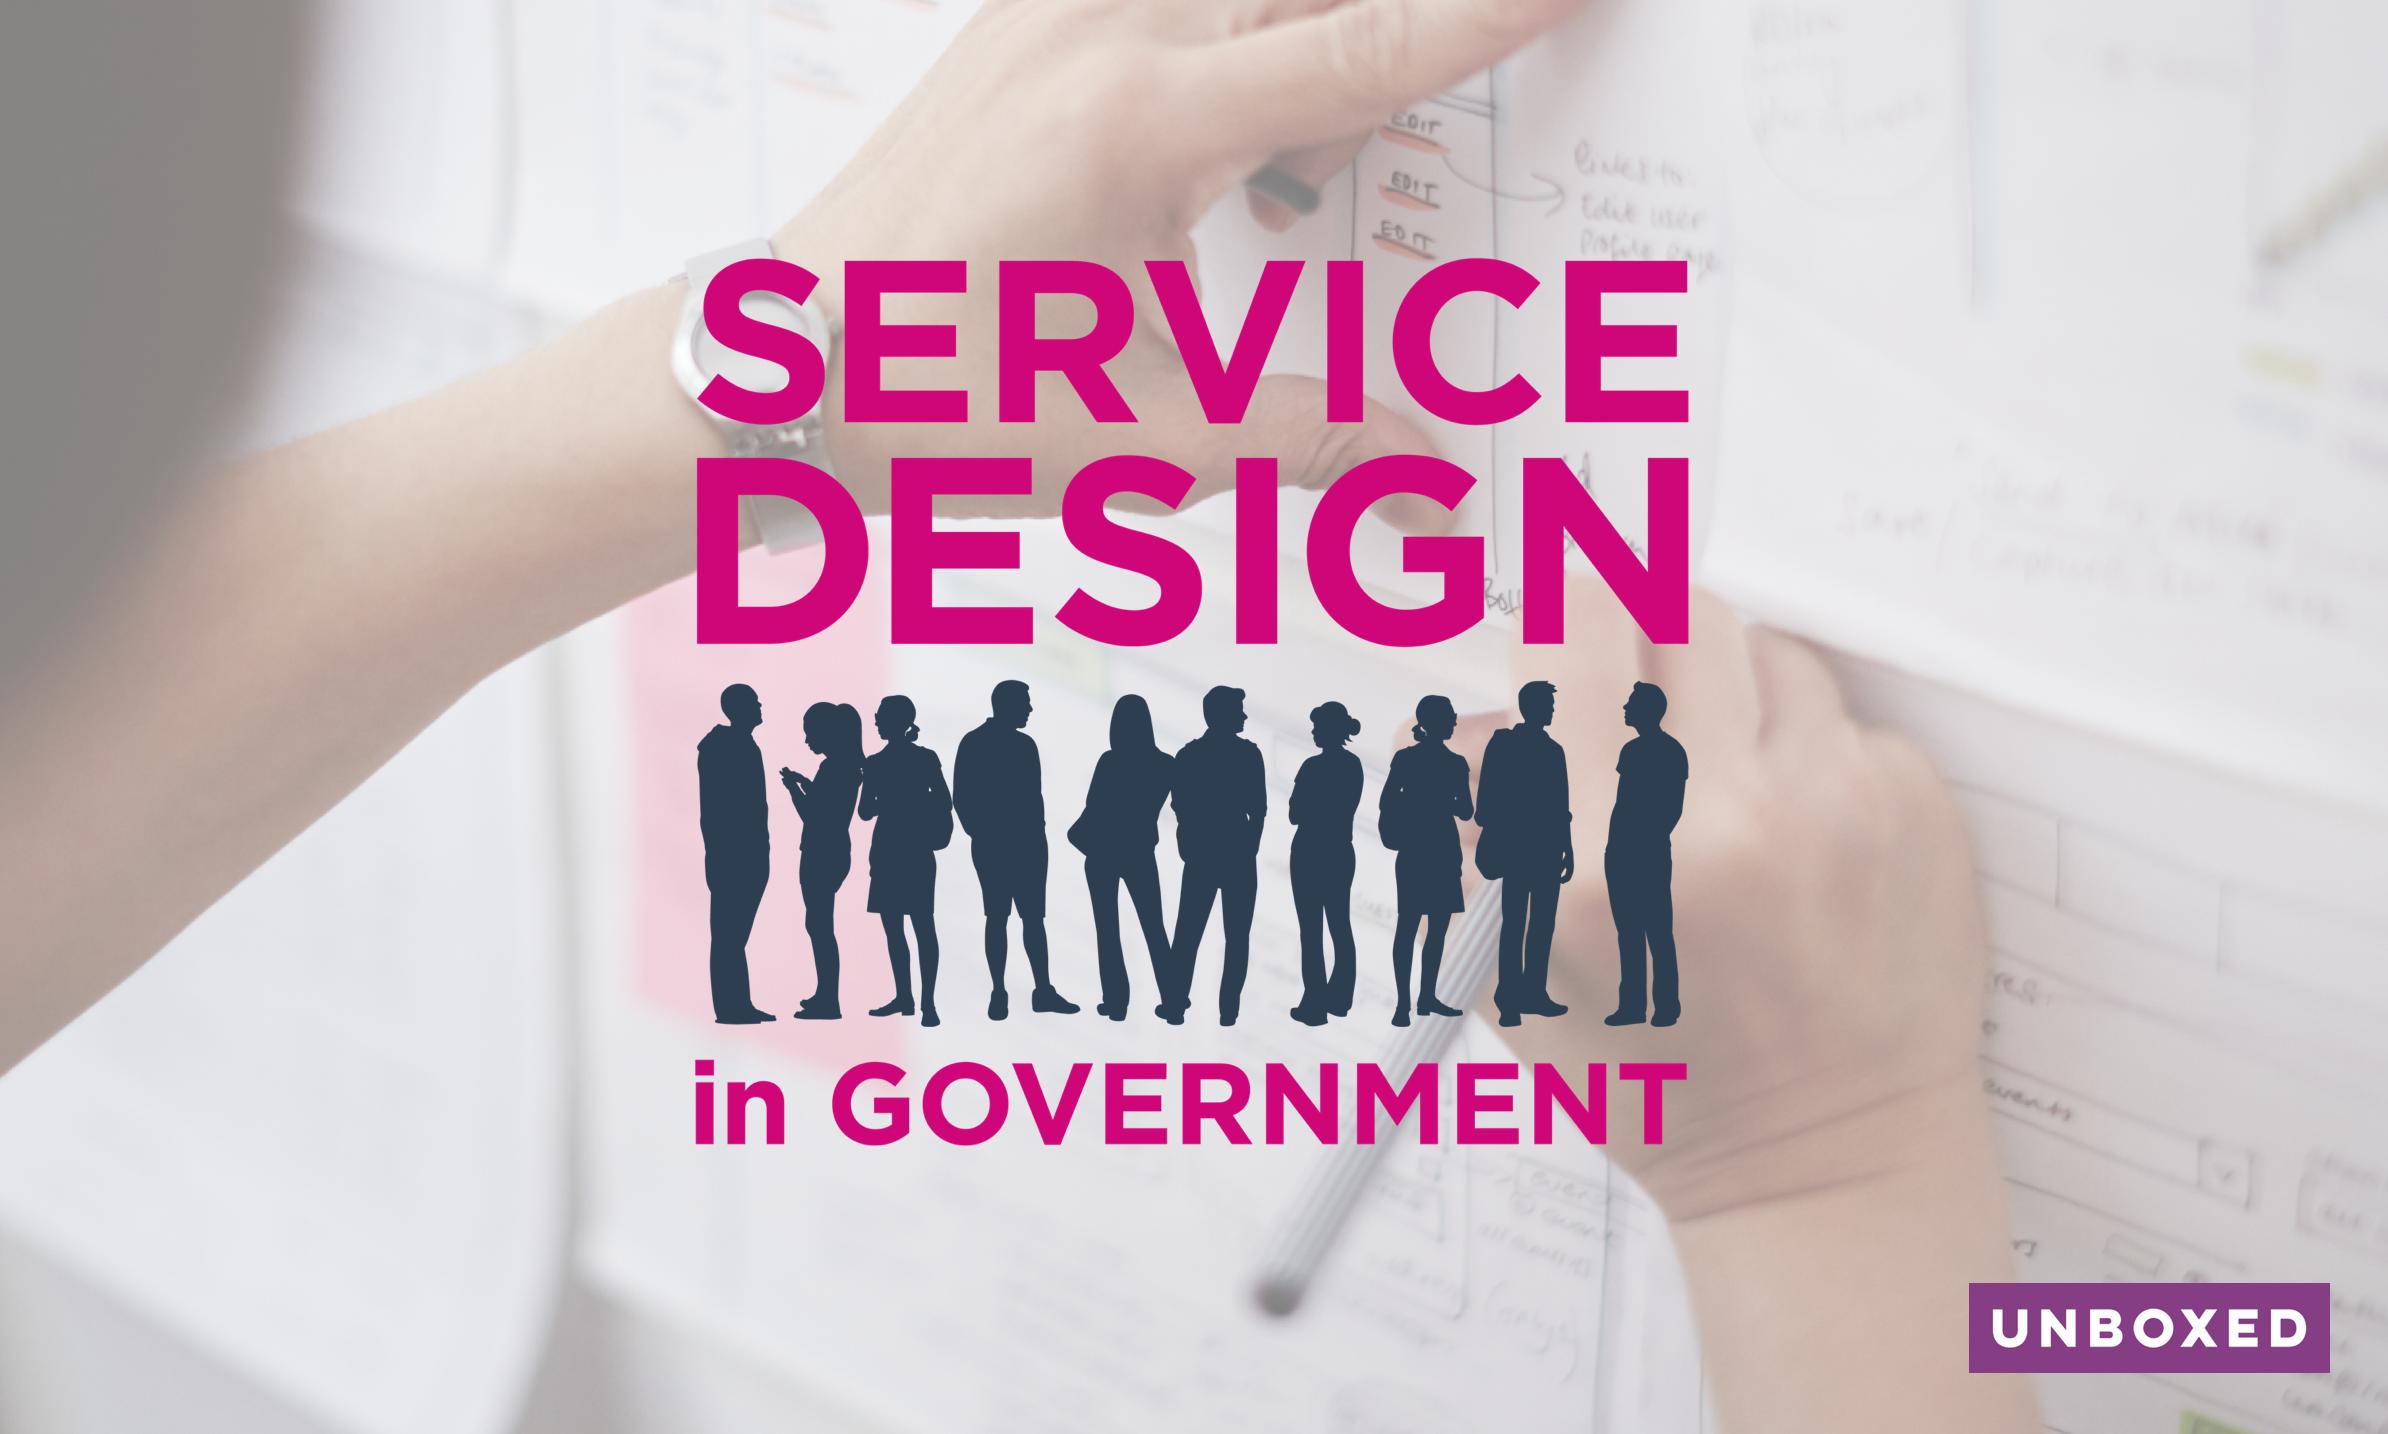 Service Design in Government 2018